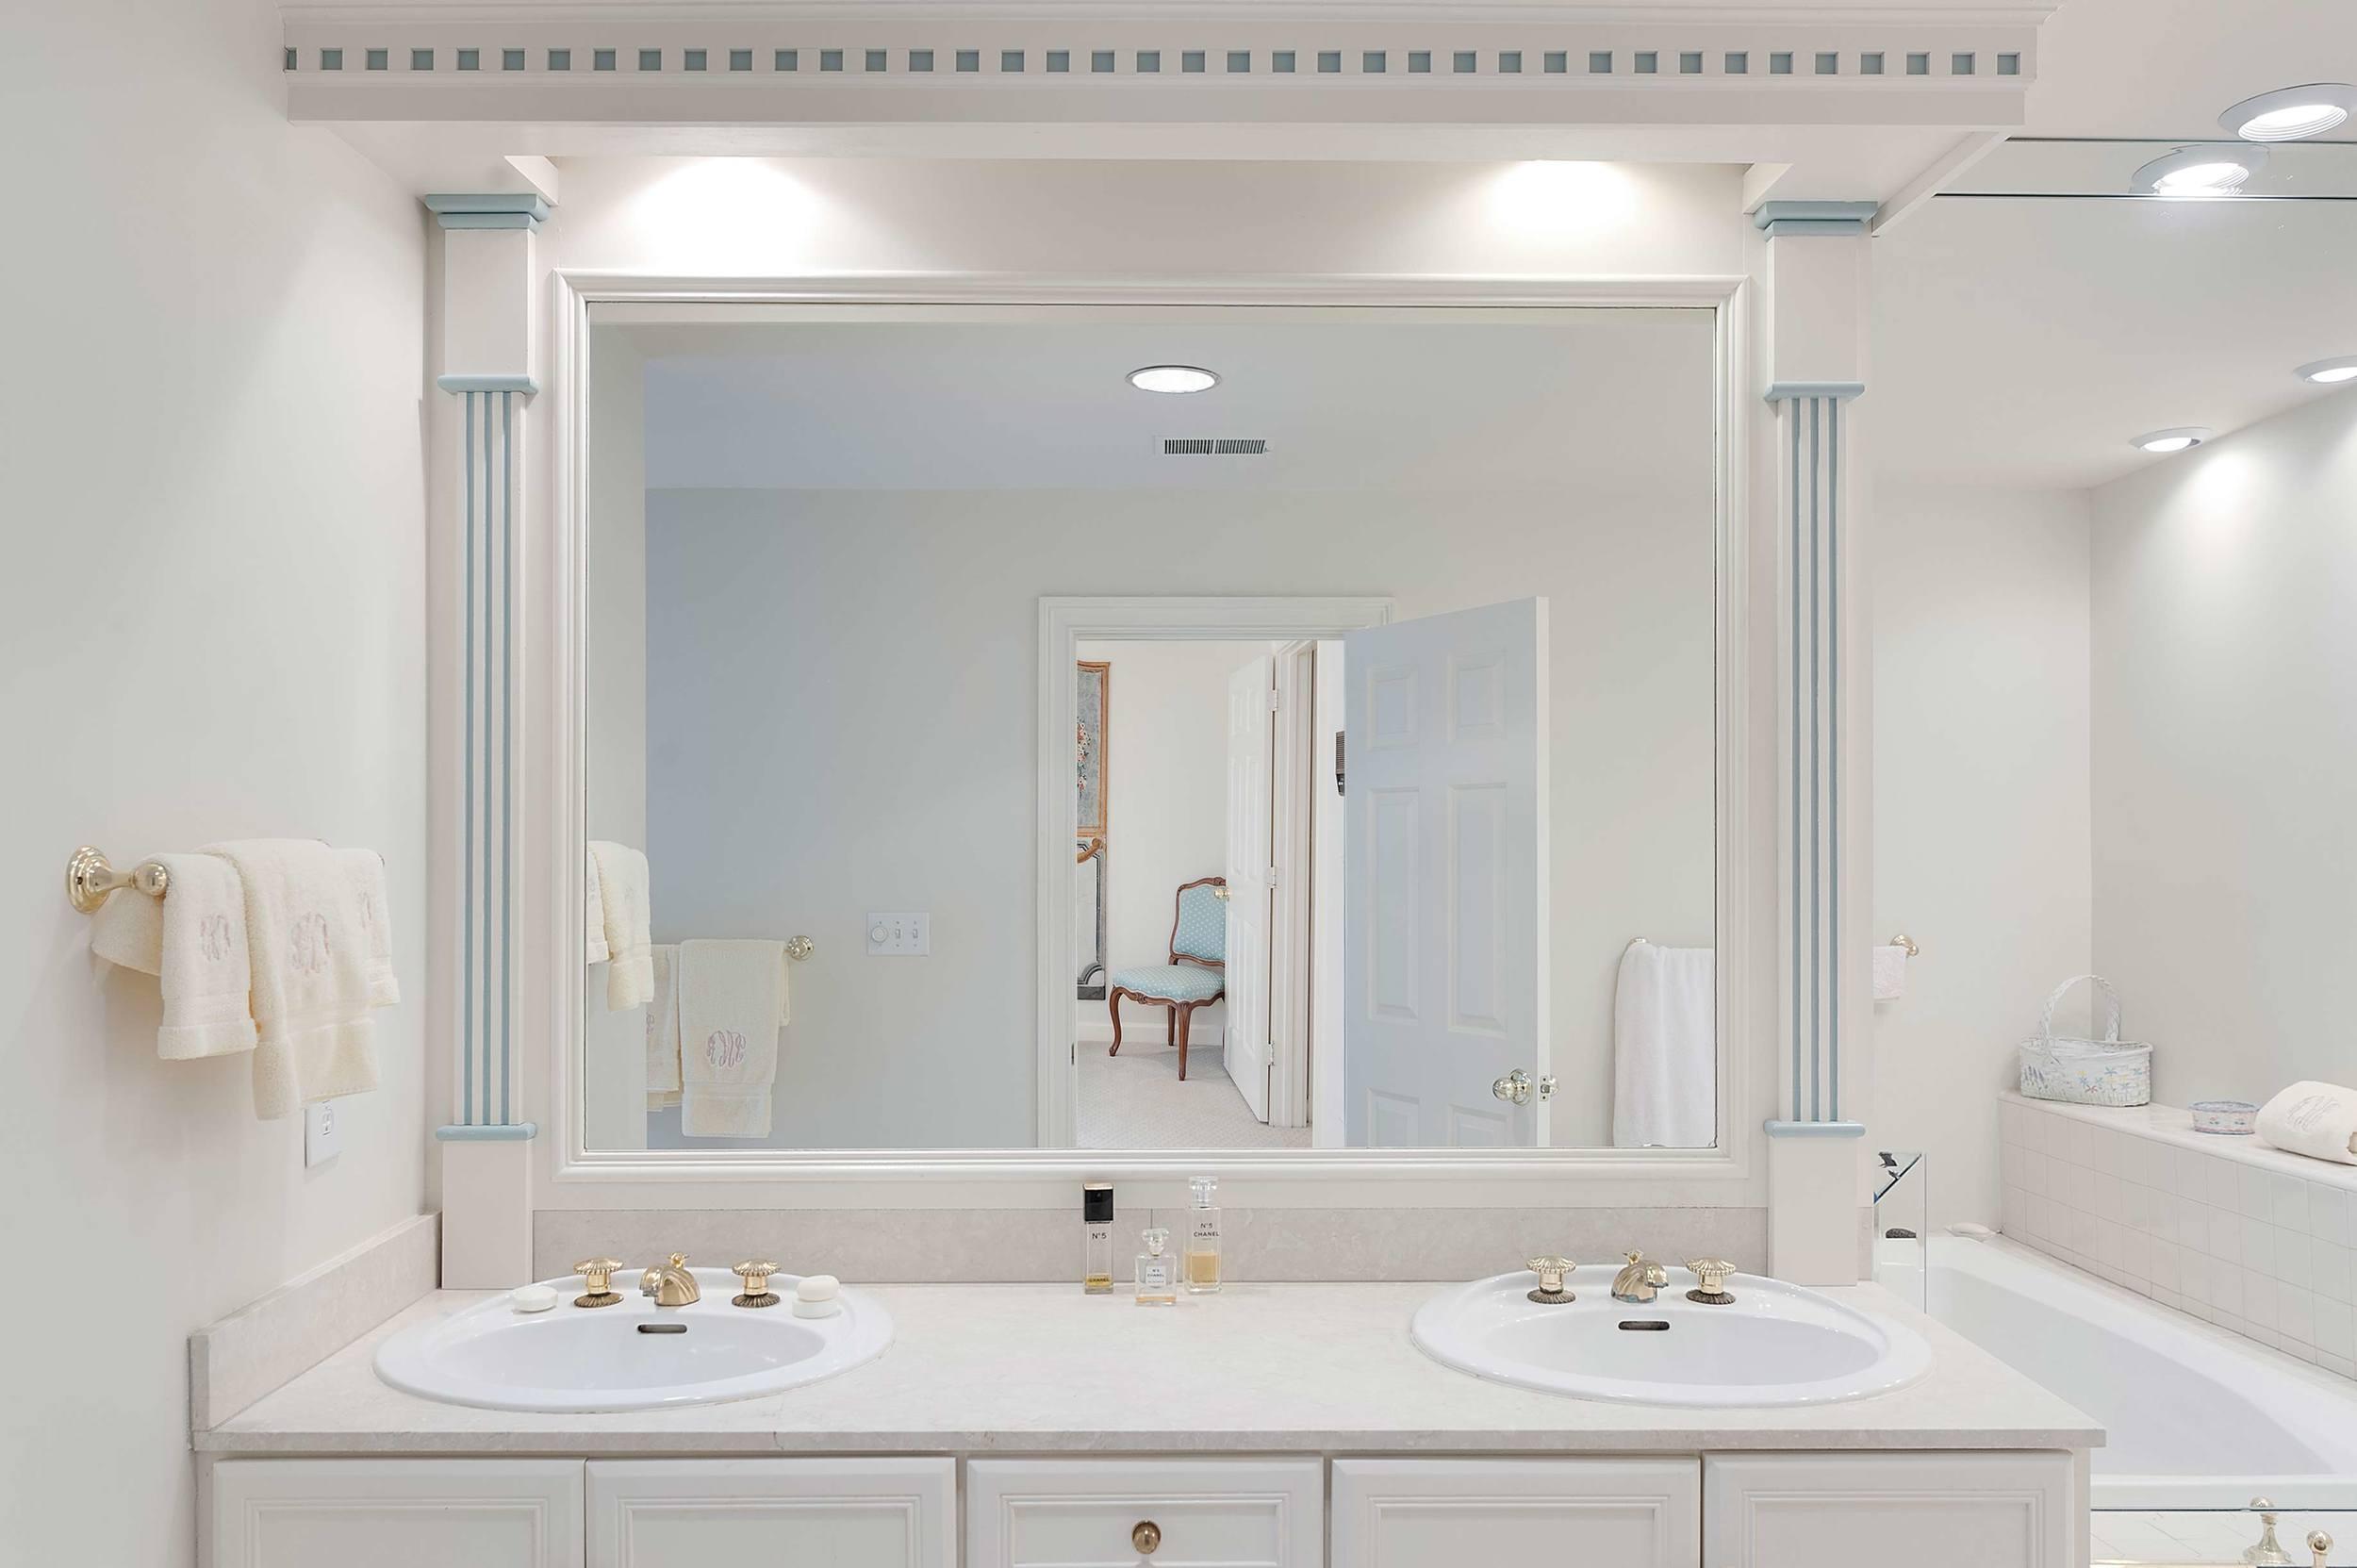 mirror2a.jpg